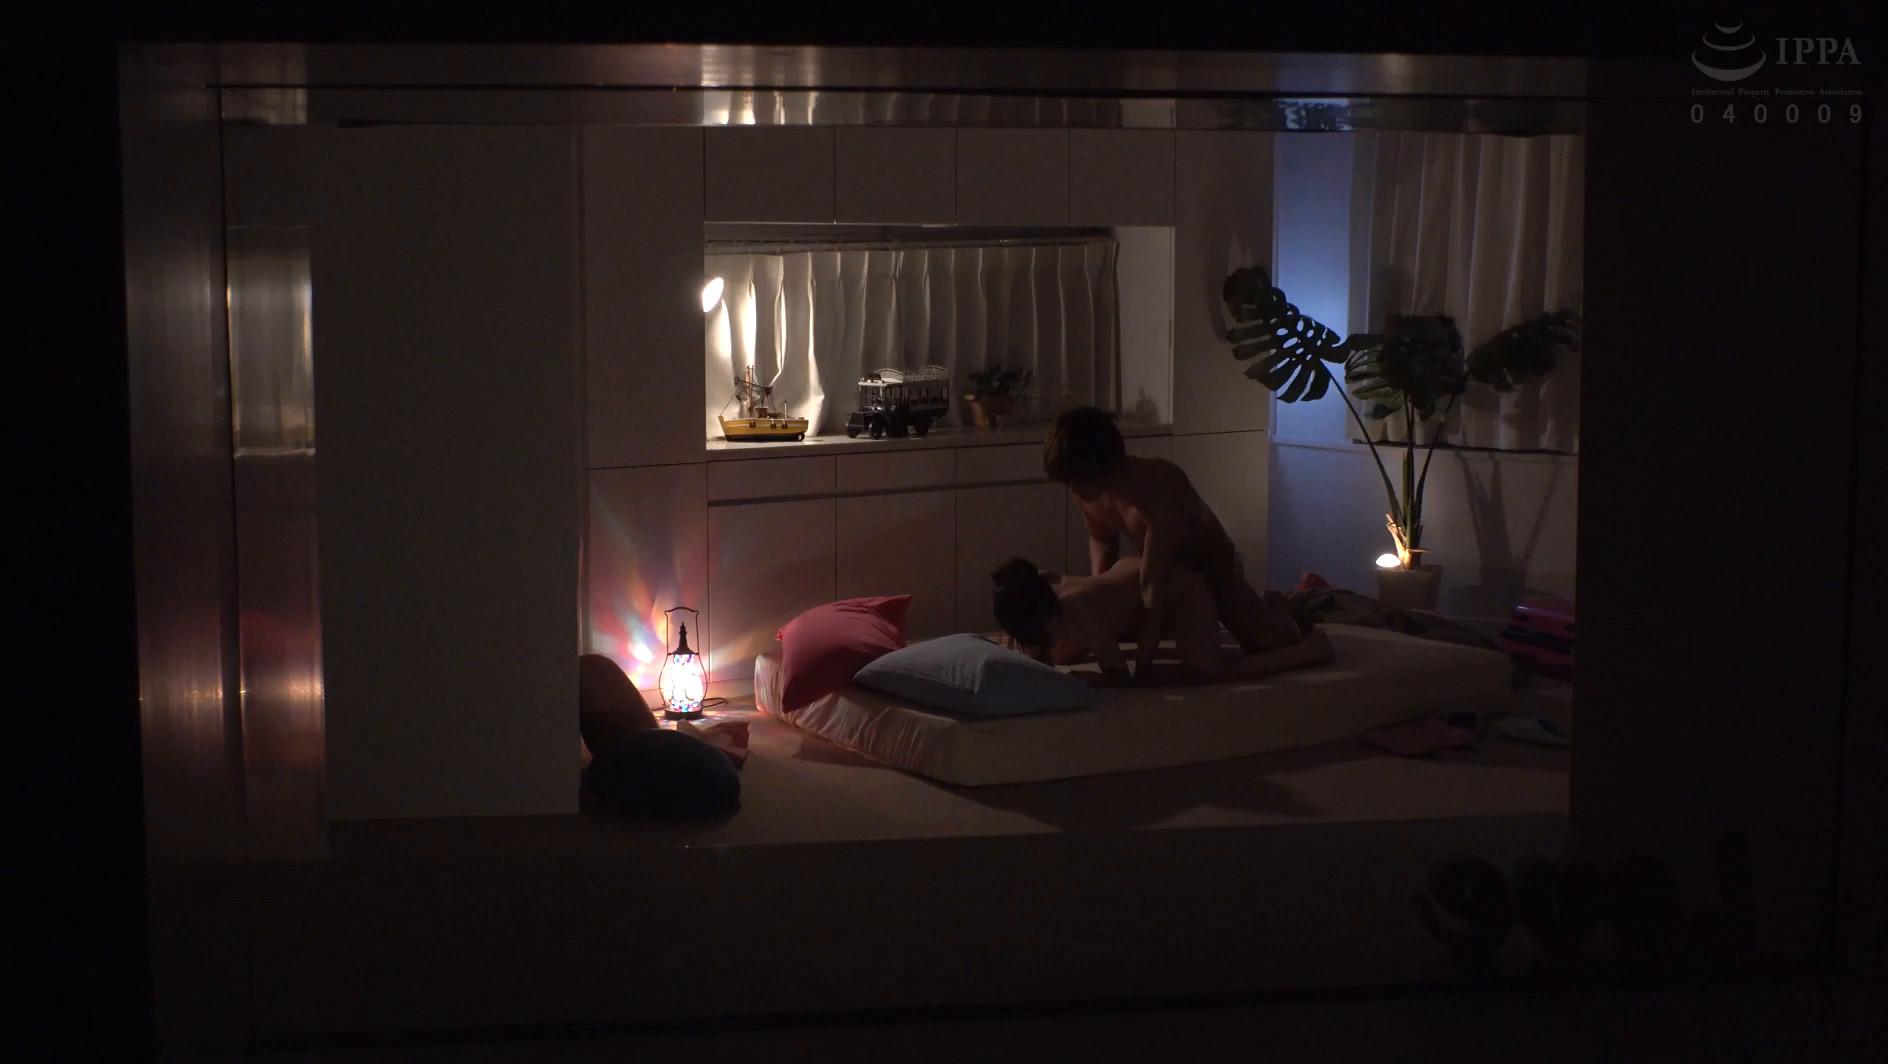 彼女が2泊3日の旅行で居ない間に既婚者の元カノと3日間ハメまくったイケナイ純愛記録 松本いちか,のサンプル画像15